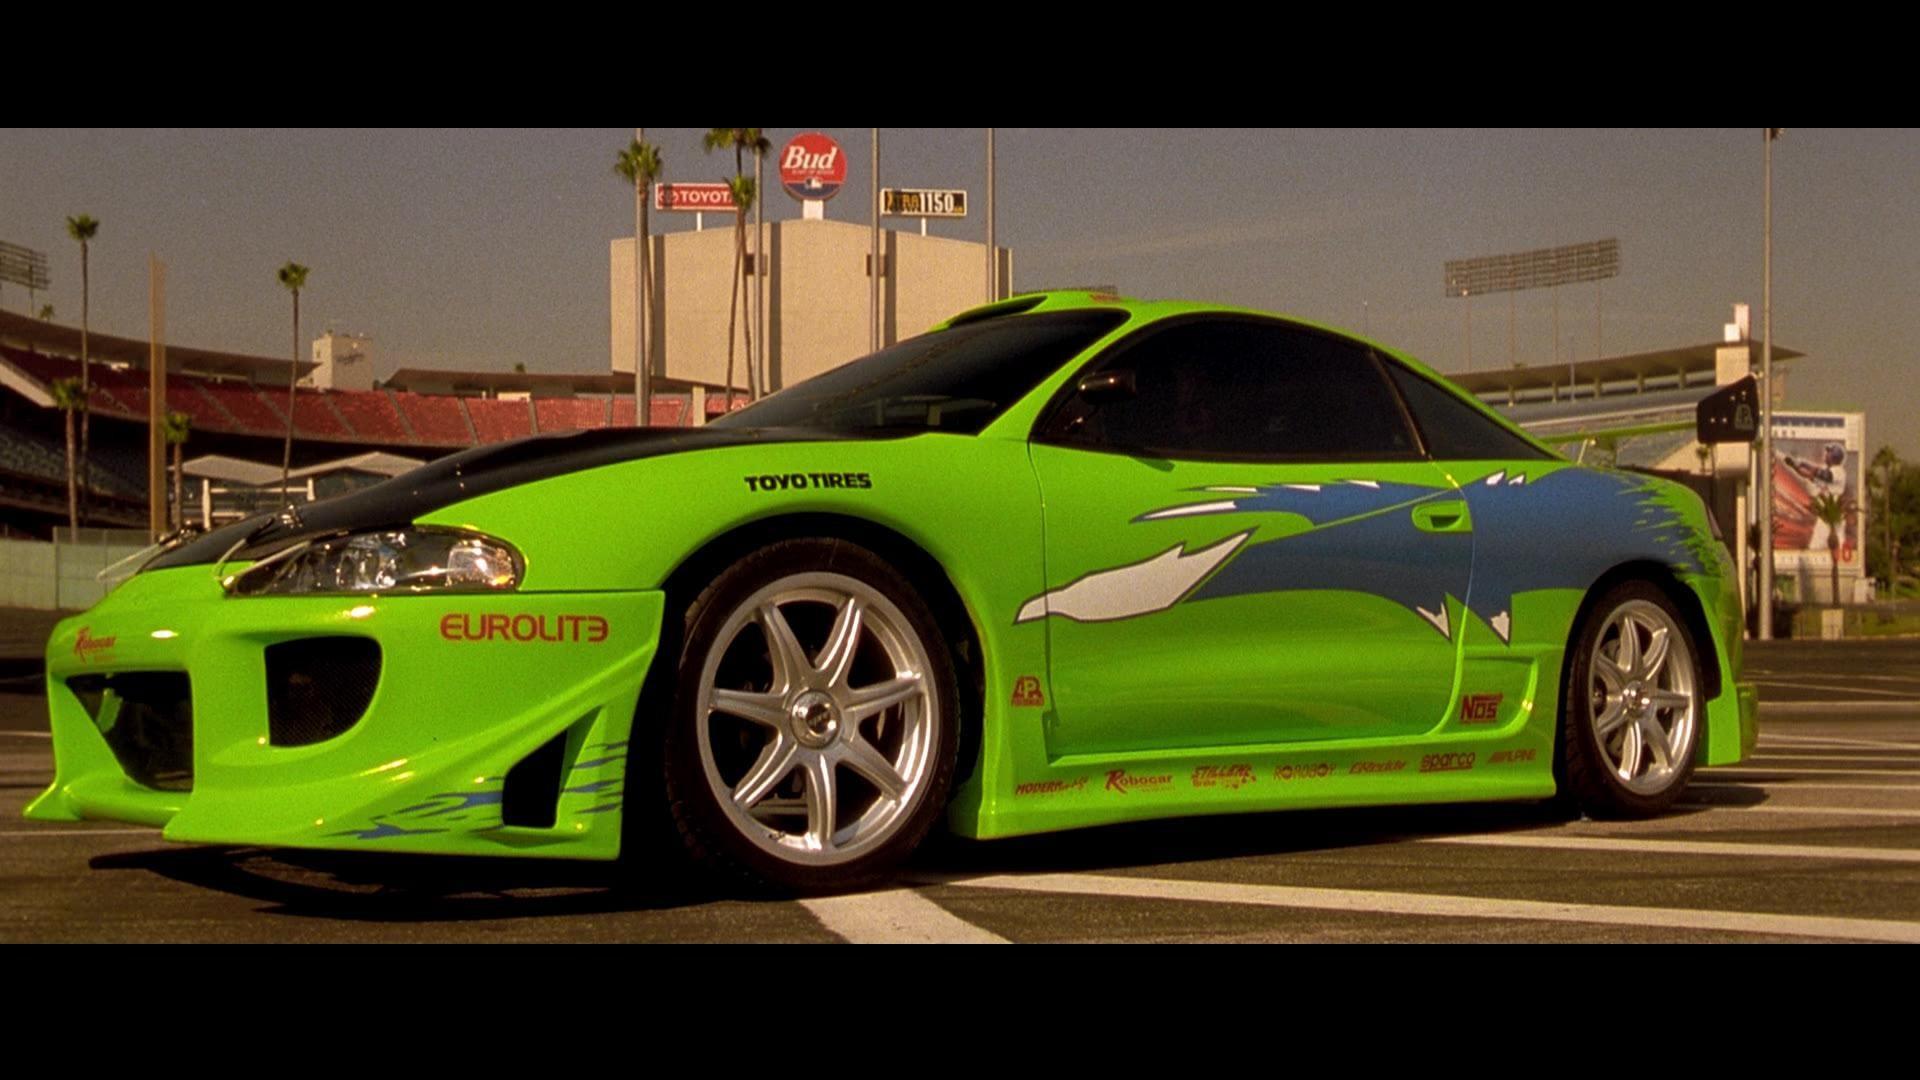 Tokyo Drift Cars Wallpapers